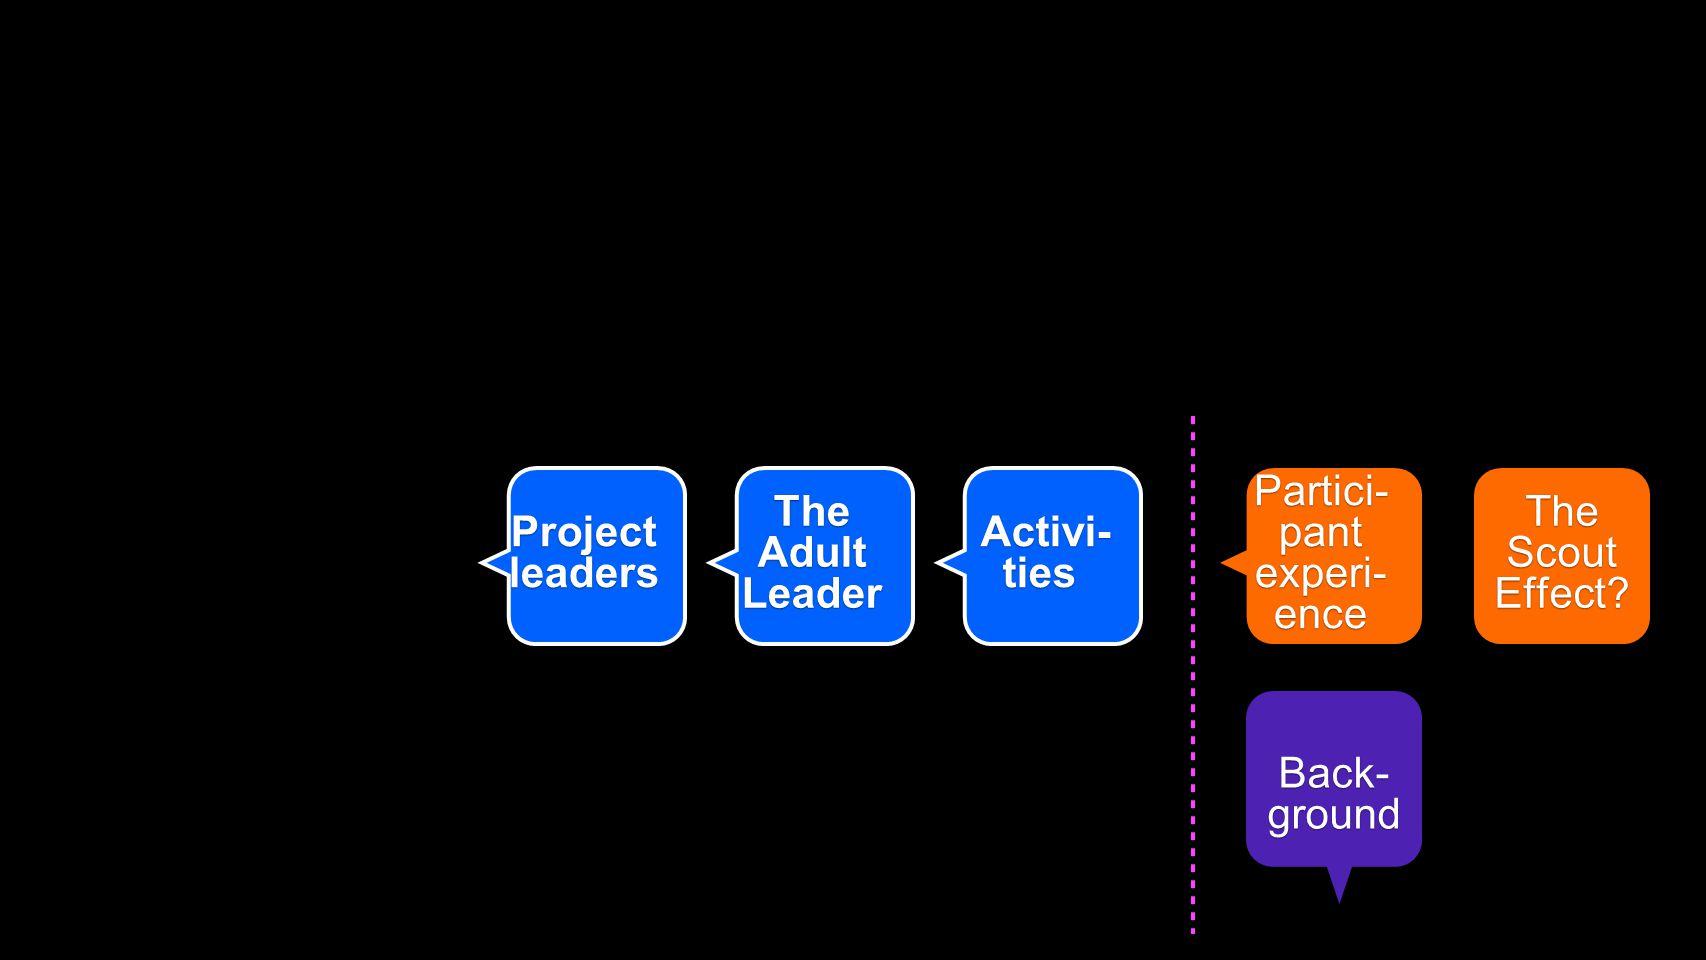 sää, sattuma, kaverit entisetleiritleiri-tilaus oma näkemys tämä semi- naari SP:n tavoit- teet kasvatus - tavoitteet piirintavoit-teet The Adult Leader Projectleaders Activi- ties Activi- ties The Scout Effect.